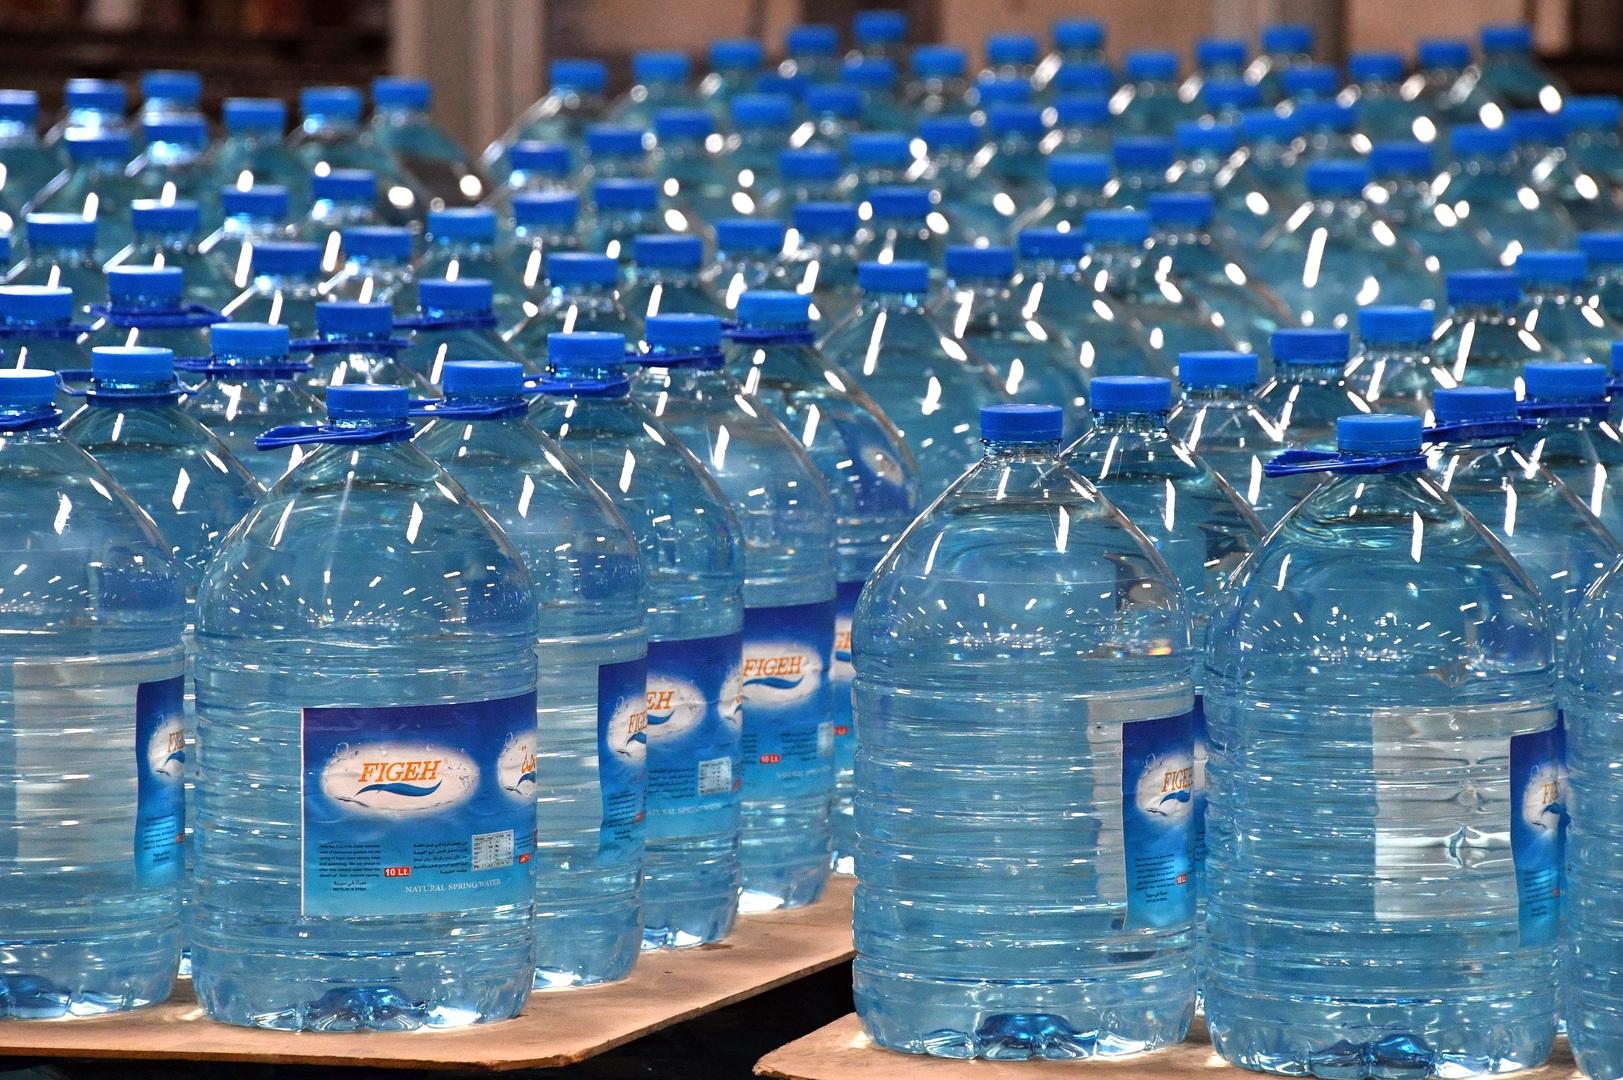 معهد كويتي: 100 مليار دولار سنويا مبيعات المياه المعبأة عالميا